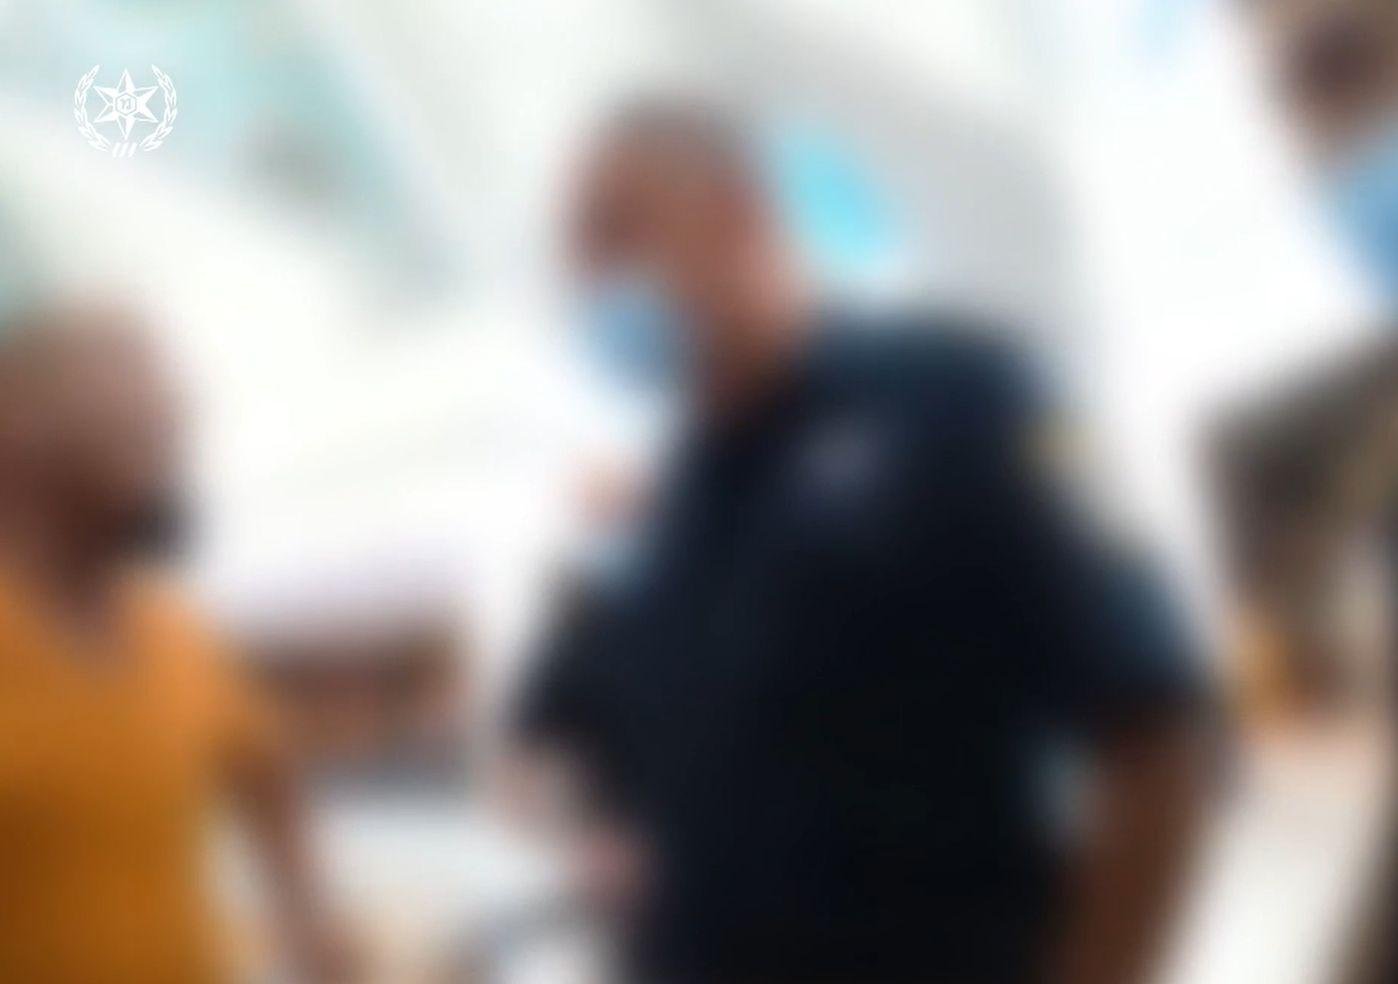 החשוד בעימות עם השוטר- צילום מצלמת גוף- דוברות משטרת ישראל